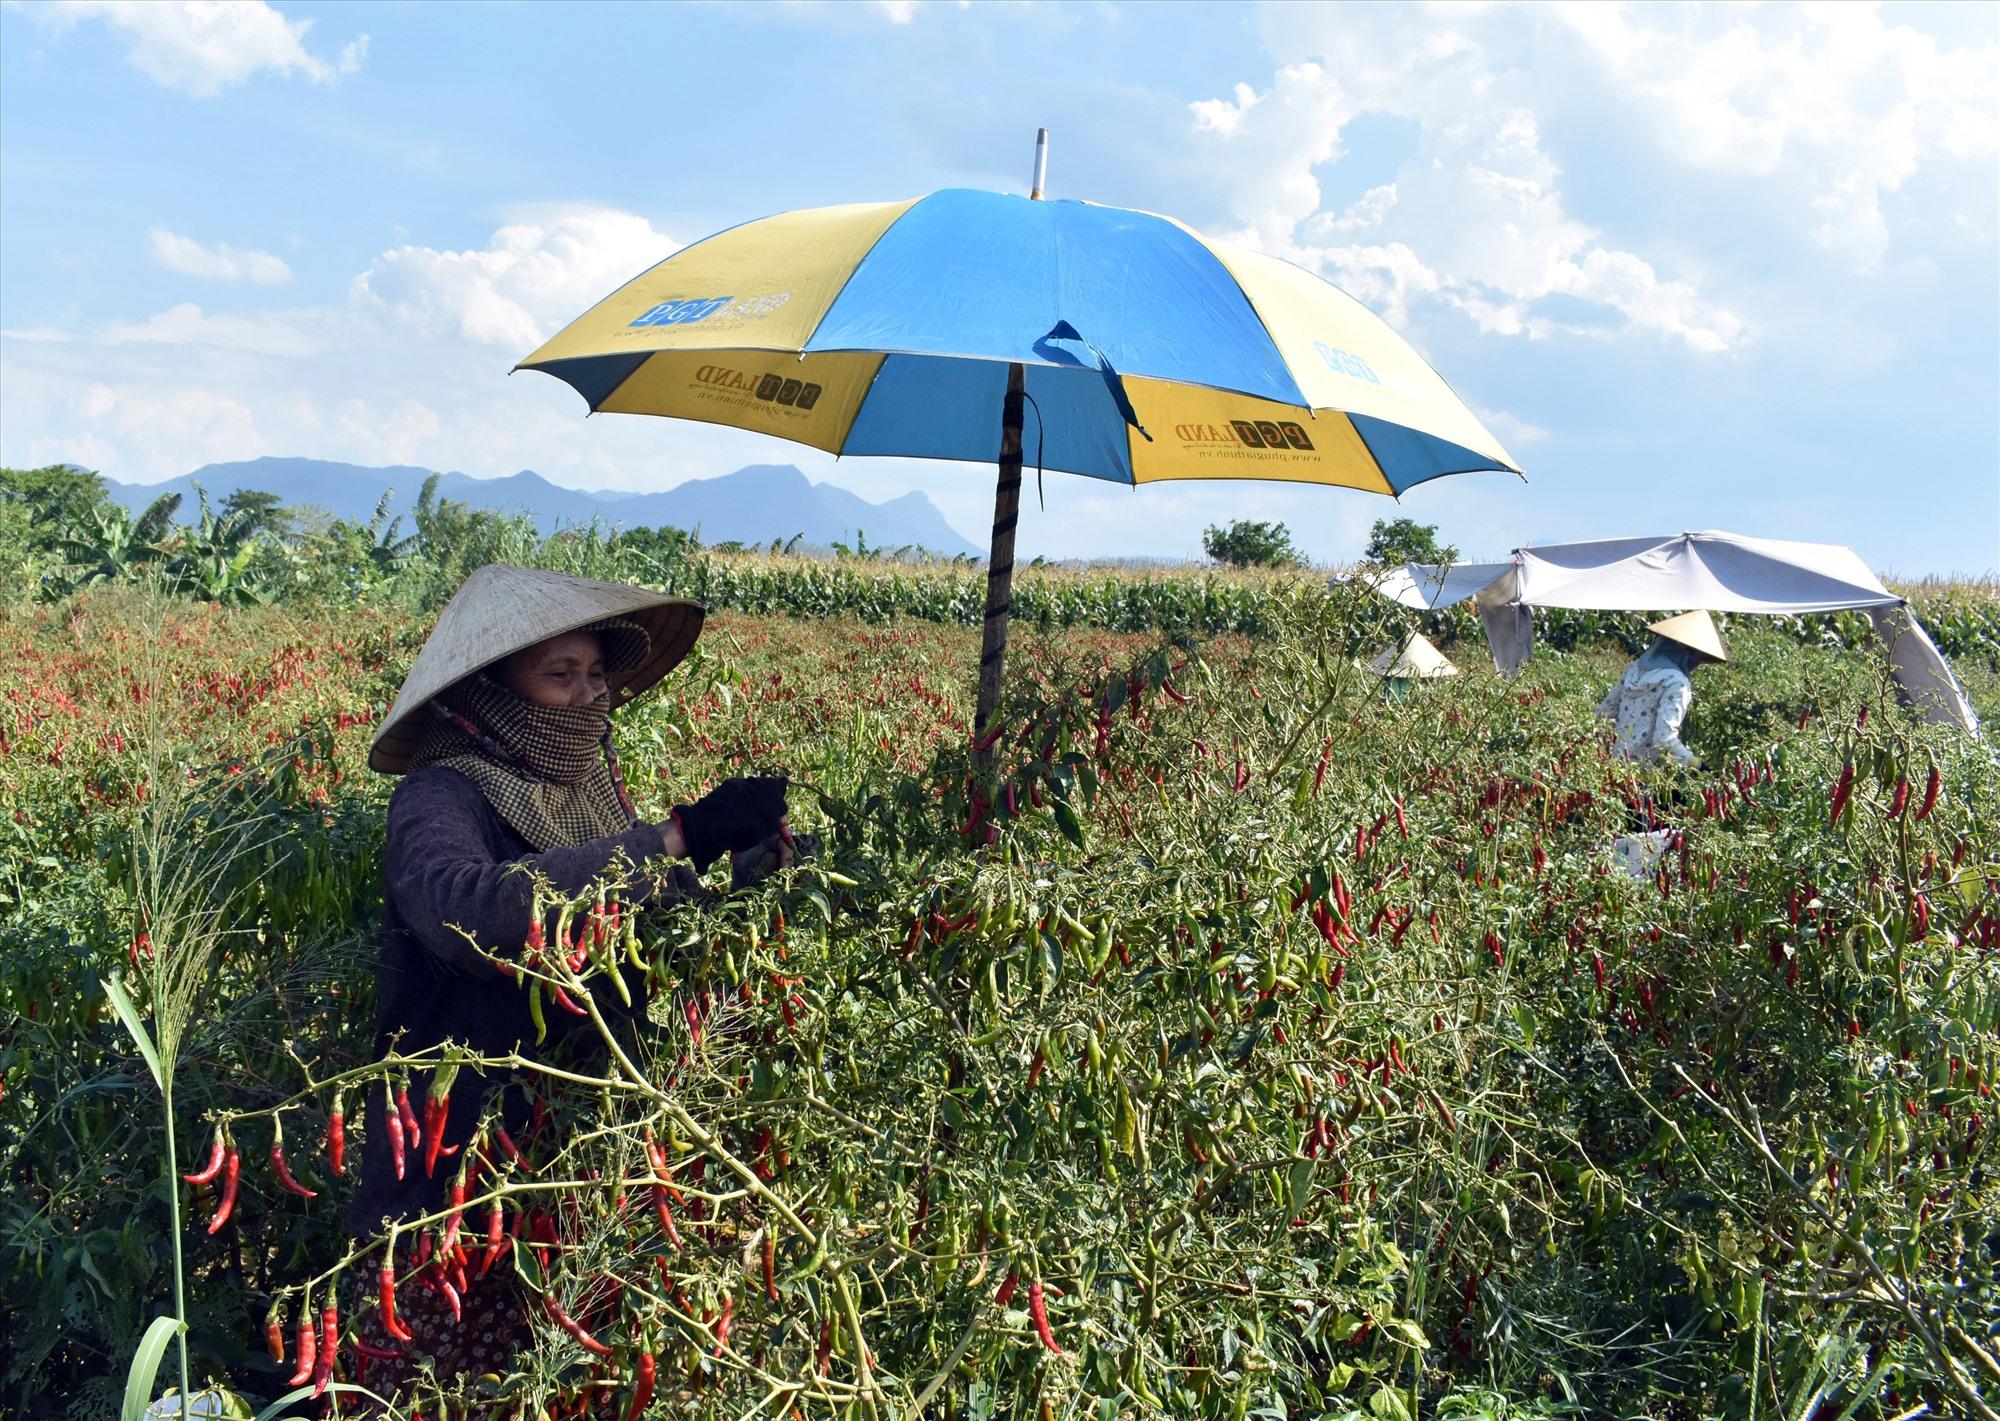 Giá phân bón tăng cao khiến hoạt động sản xuất của nông dân gặp khó. Ảnh: V.L